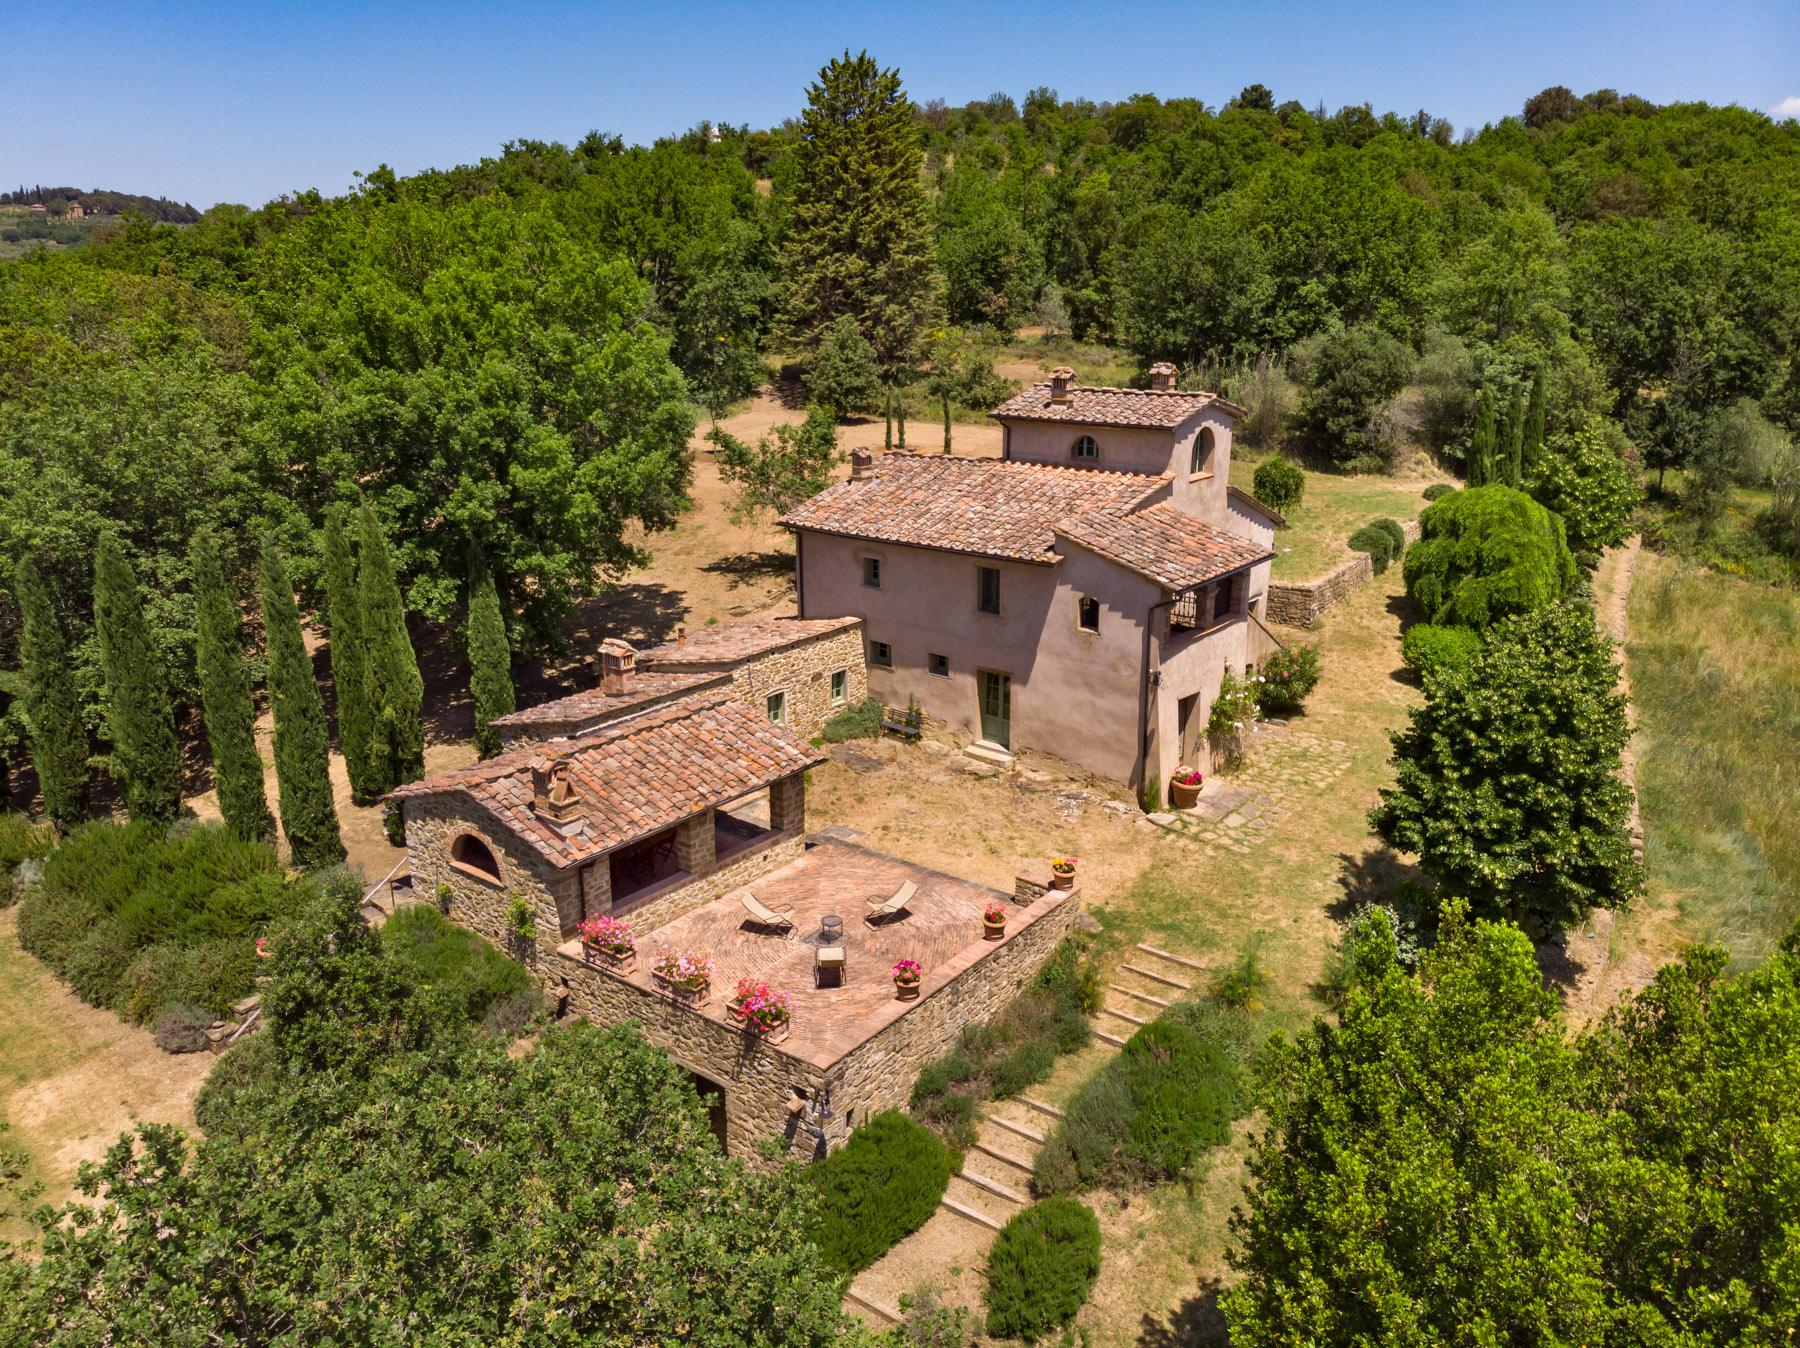 Villa in Vendita a Monte San Savino: 5 locali, 340 mq - Foto 11